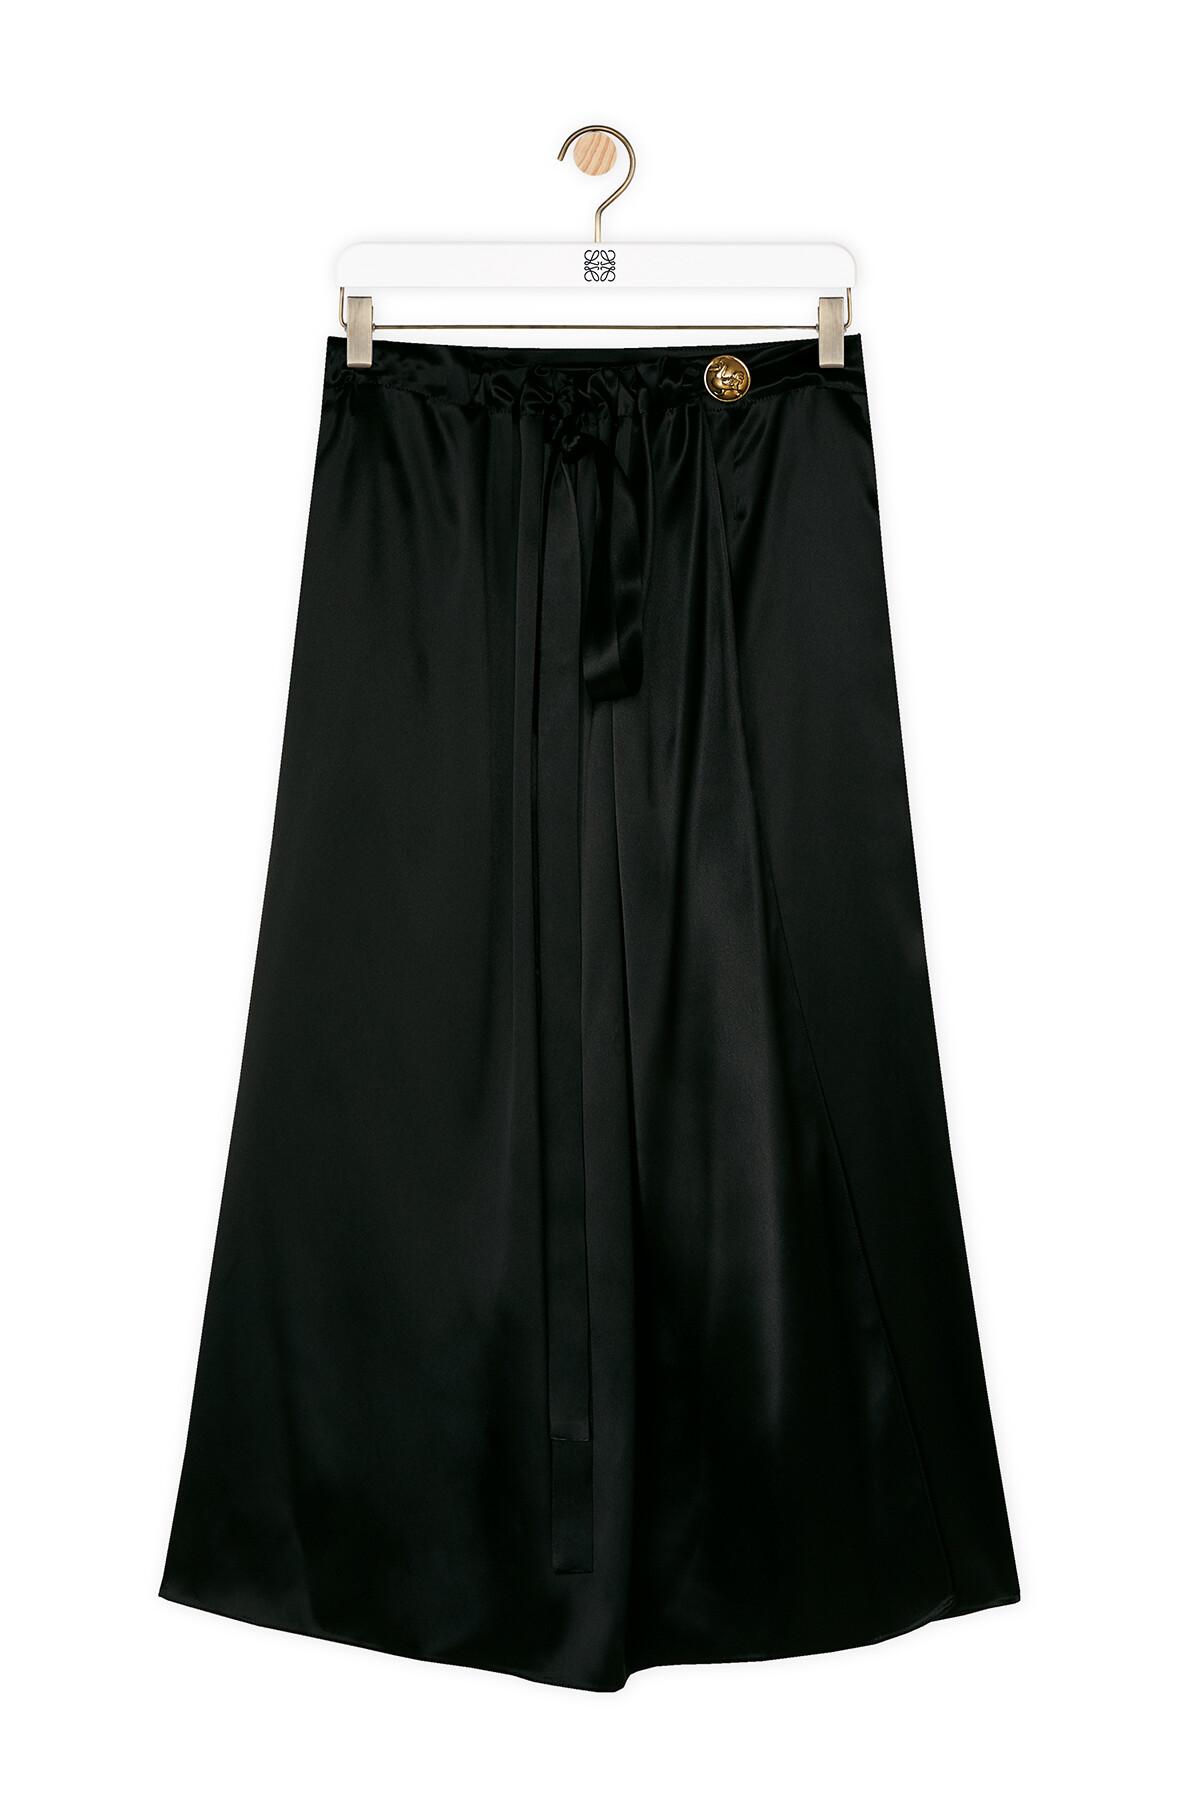 LOEWE Satin Wrap Skirt Black front